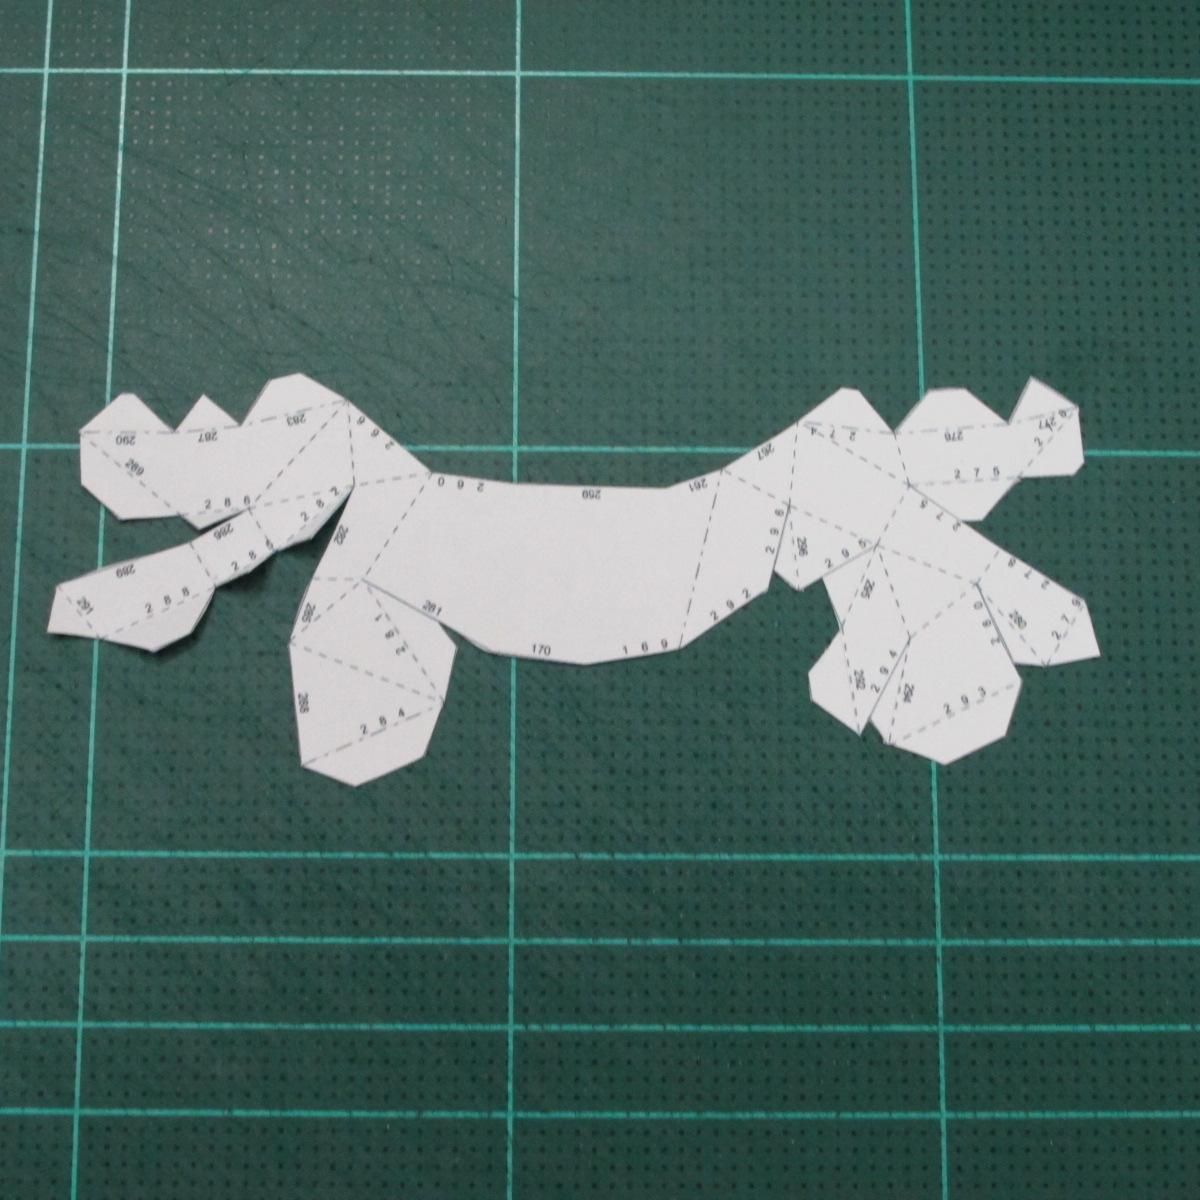 วิธีทำโมเดลกระดาษตุ้กตาคุกกี้รัน คุกกี้รสสตอเบอรี่ (LINE Cookie Run Strawberry Cookie Papercraft Model) 018